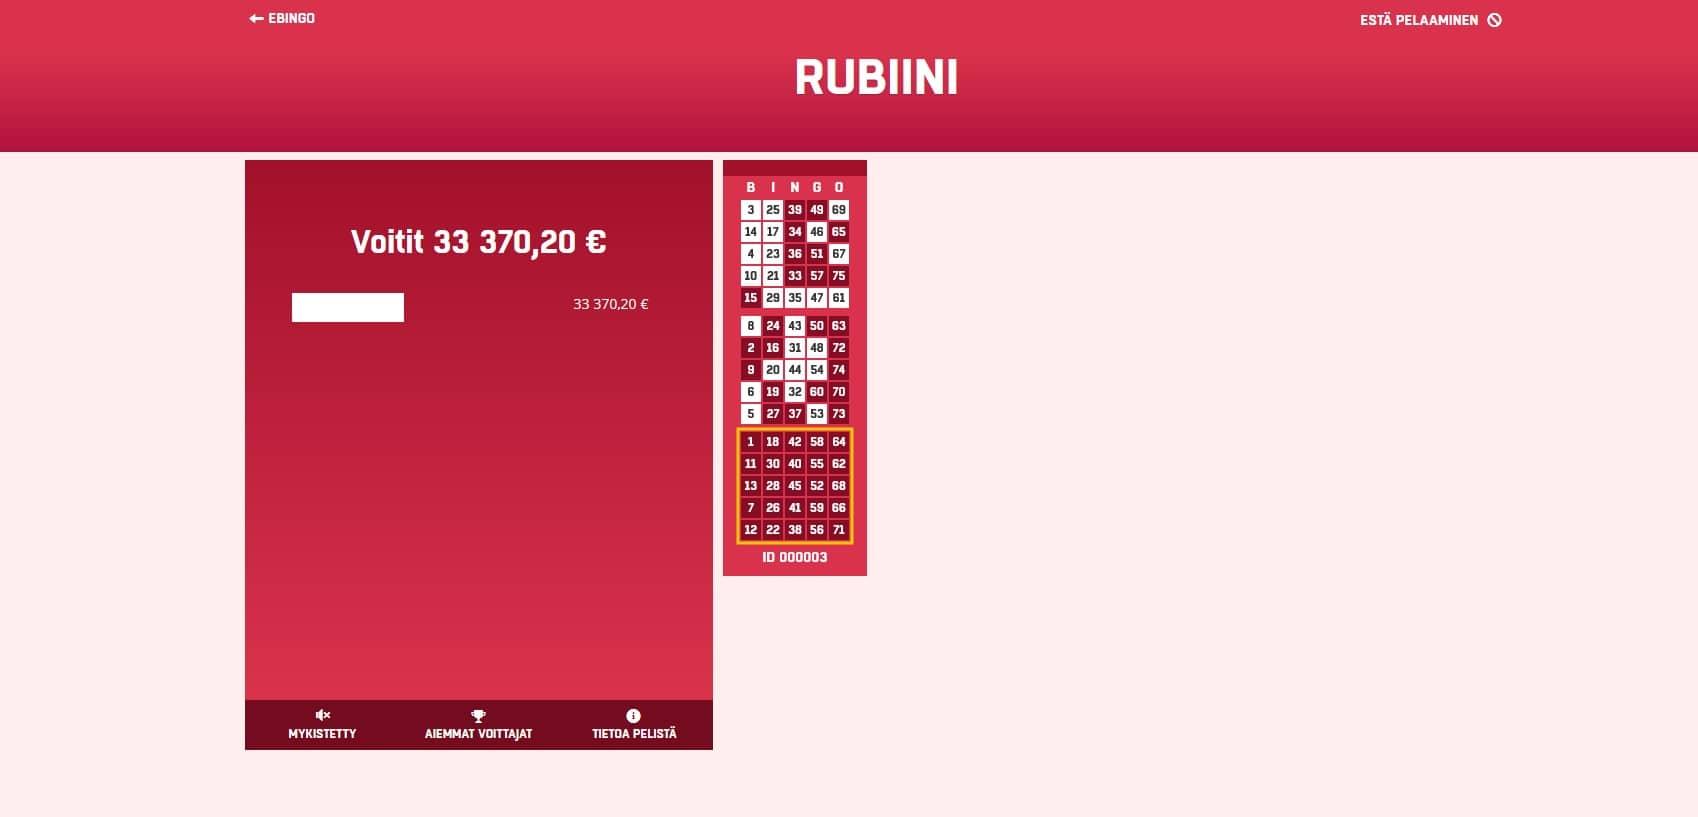 Rubiini Bingo Big Win Picture